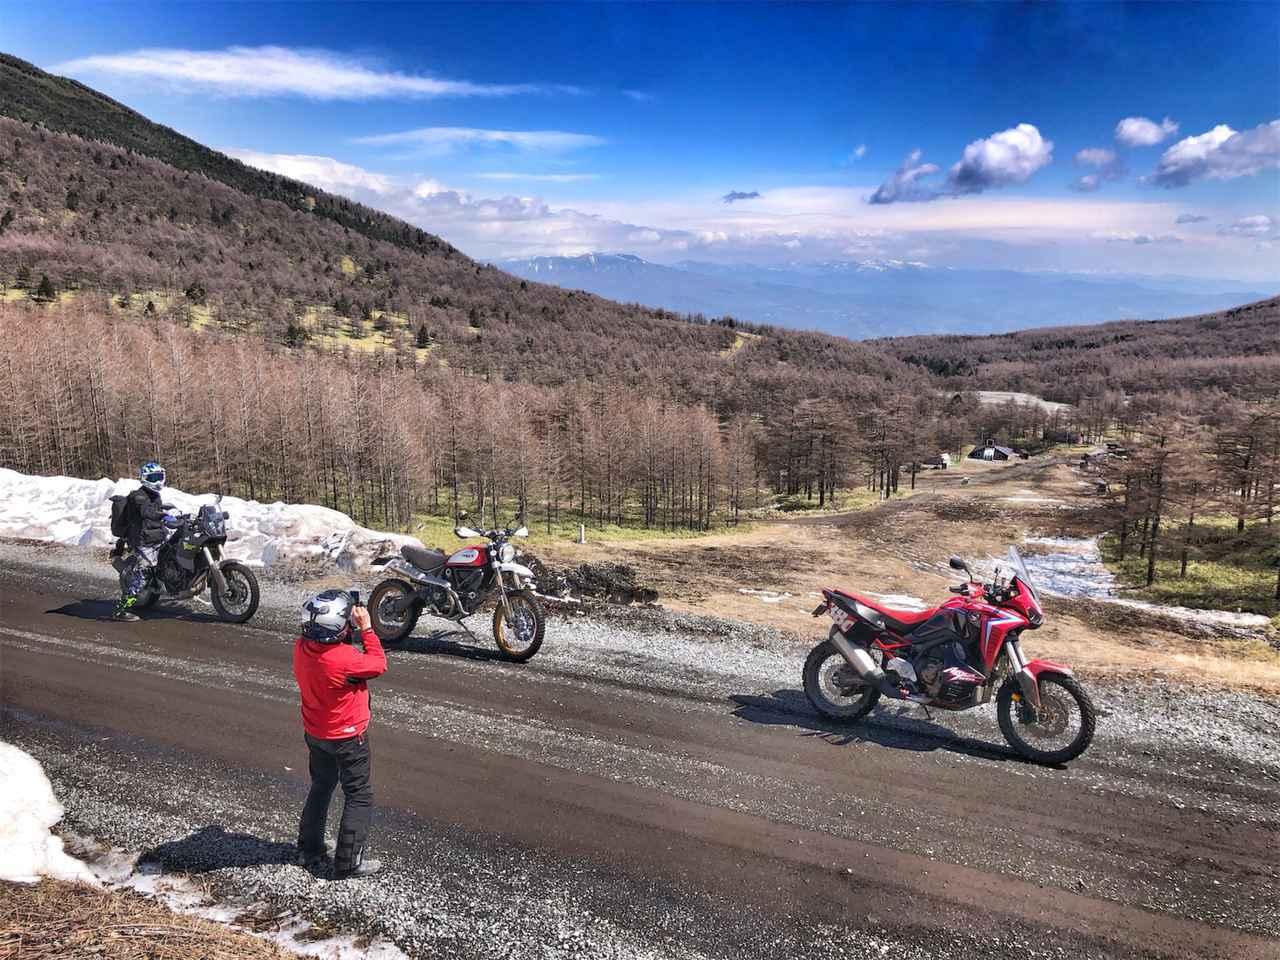 画像4: 外は雪景色、ビッグバイク3台は山を下りられるのか?